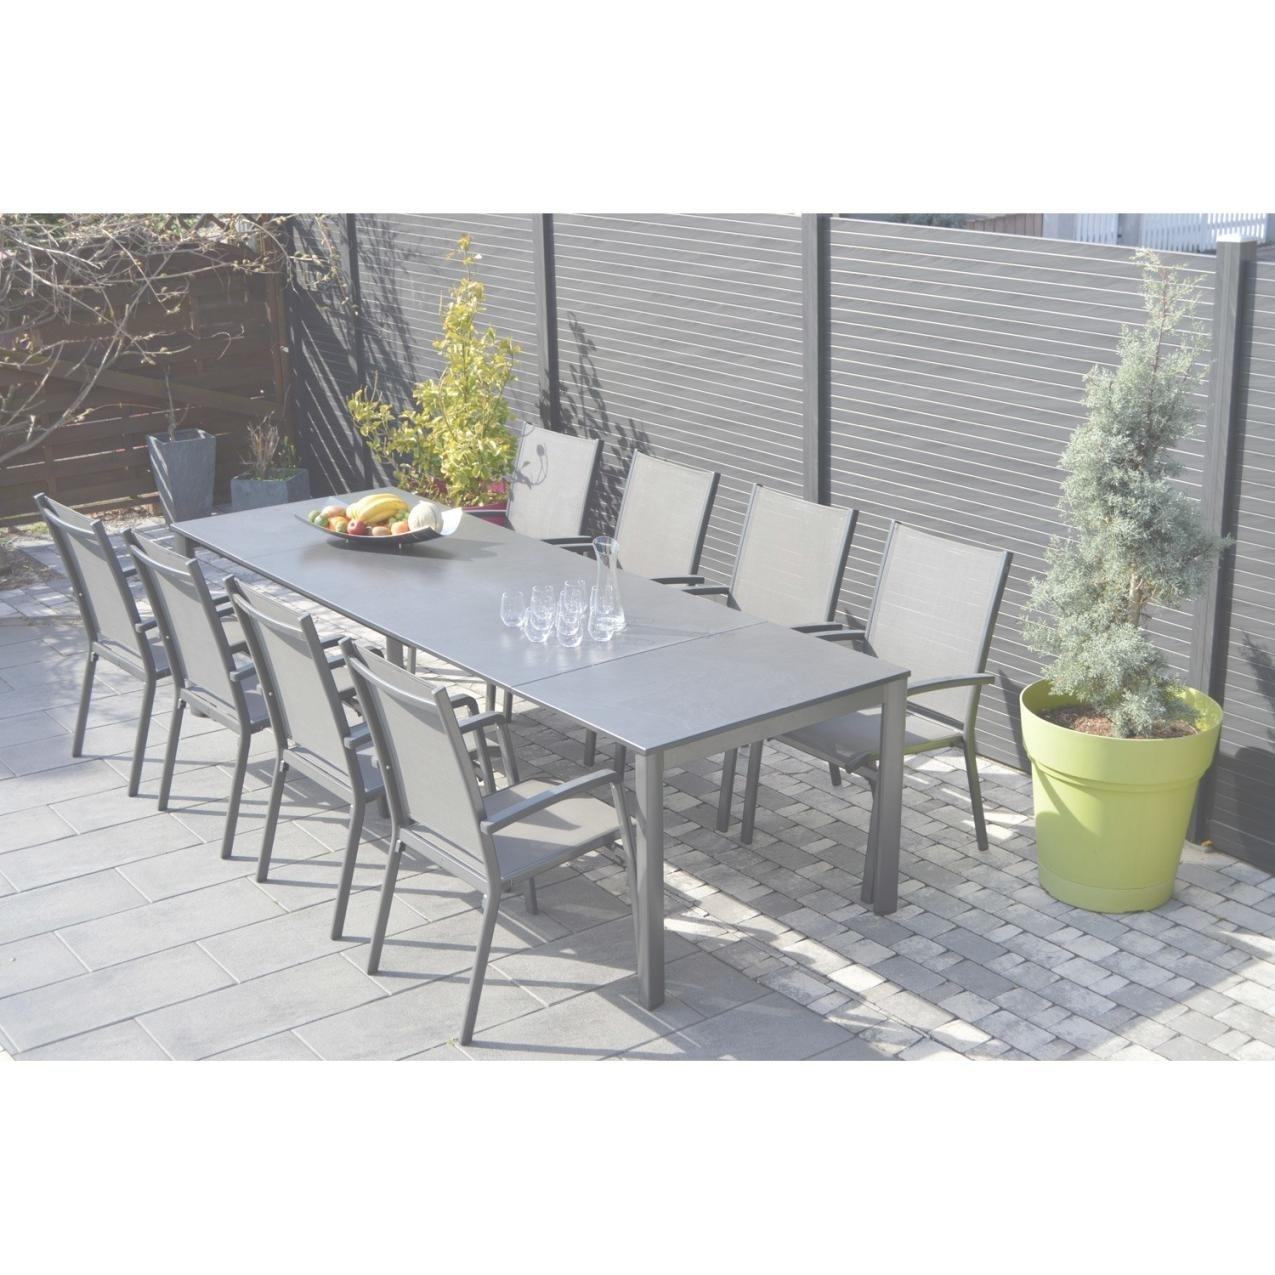 table de jardin 12 personnes leroy merlin